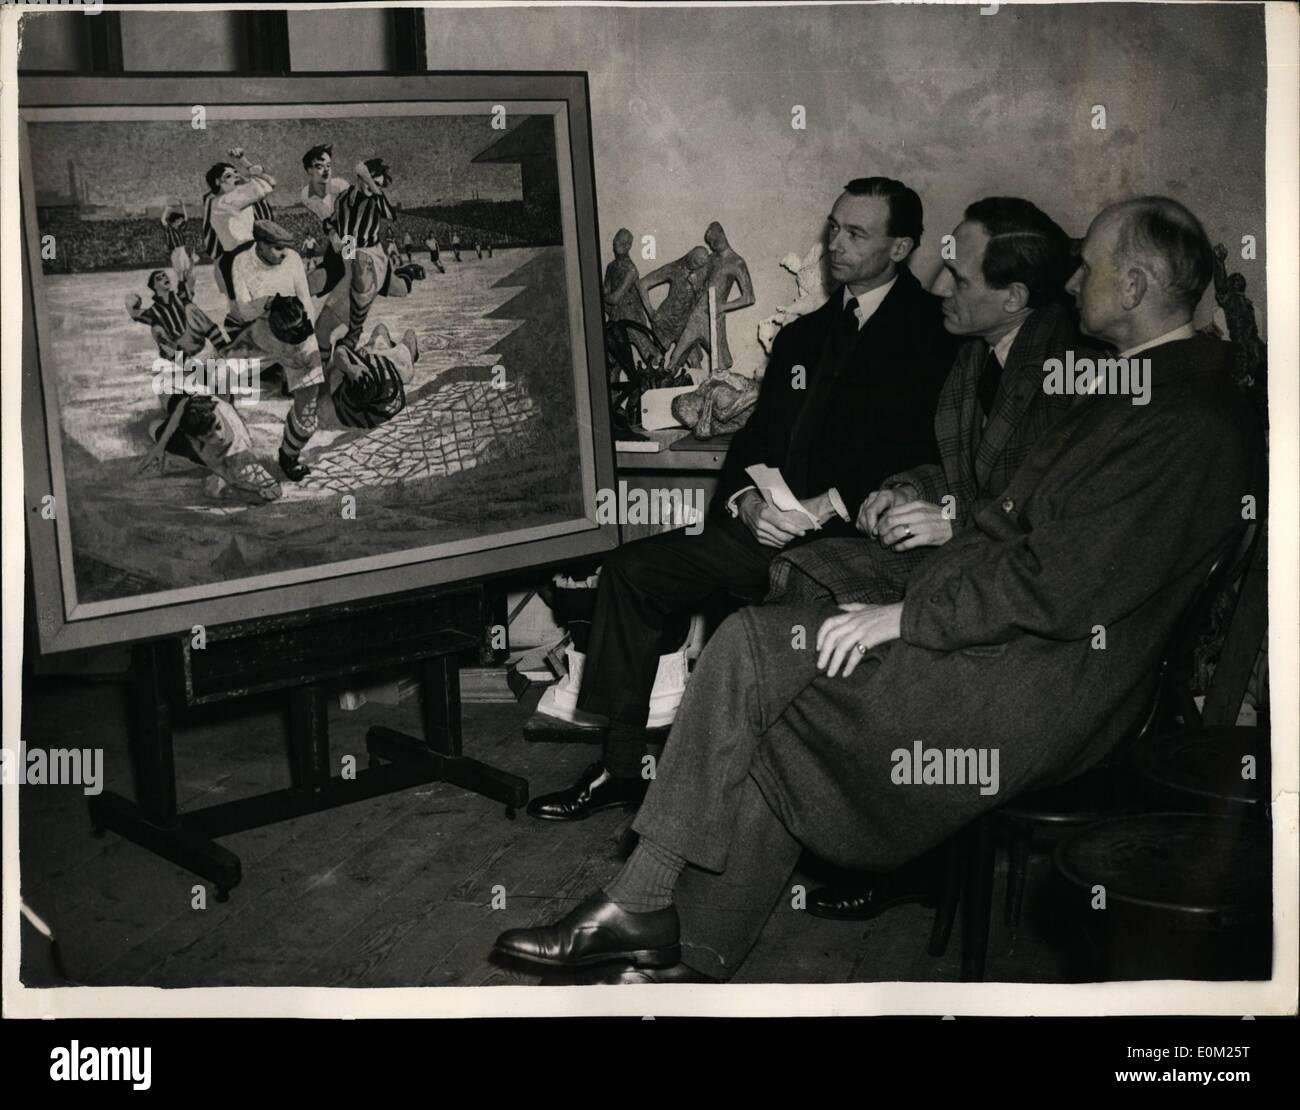 Avril 04, 1953 - Jugement Entrie pour le ''Le Football et les beaux-arts'' de la concurrence.. Le jugement a commencé ce matin du 1 710 entrées pour les ''Le Football et les beaux-arts'', organisé par la Football Association, à Temple Lodge, 75015... Prix d'un montant de 3 000 £sont accordées pour les œuvres d'art traitant de ''un jeu de football, en Angleterre, ou n'importe quelle scène directement connecté avec lui''. Il est organisé dans le cadre de la célébration en lien avec le 19e anniversaire de cette association. Photo Stock